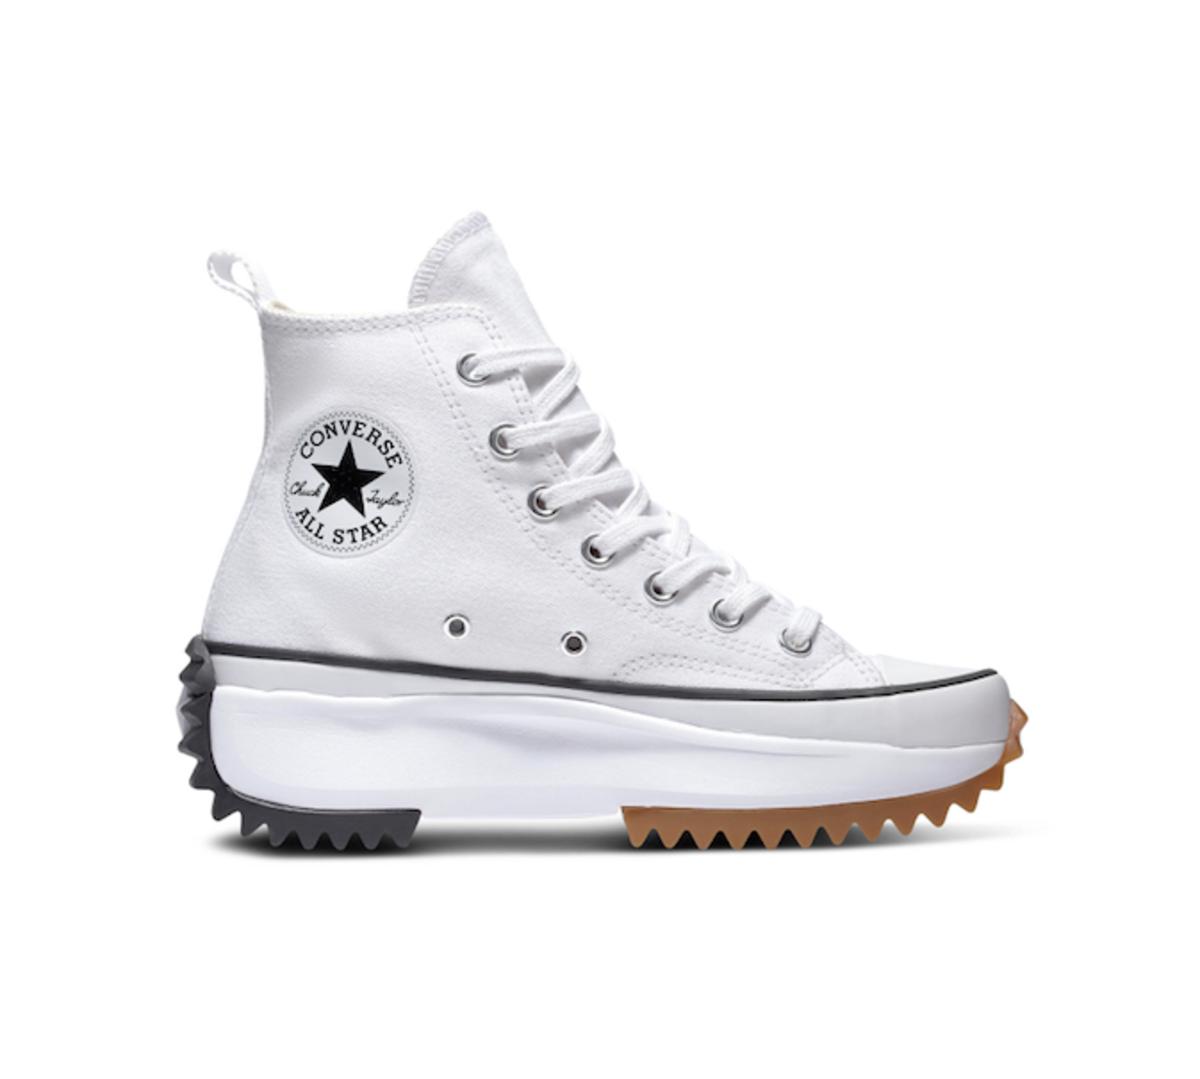 Męskie białe trampki Converse, 479 zł